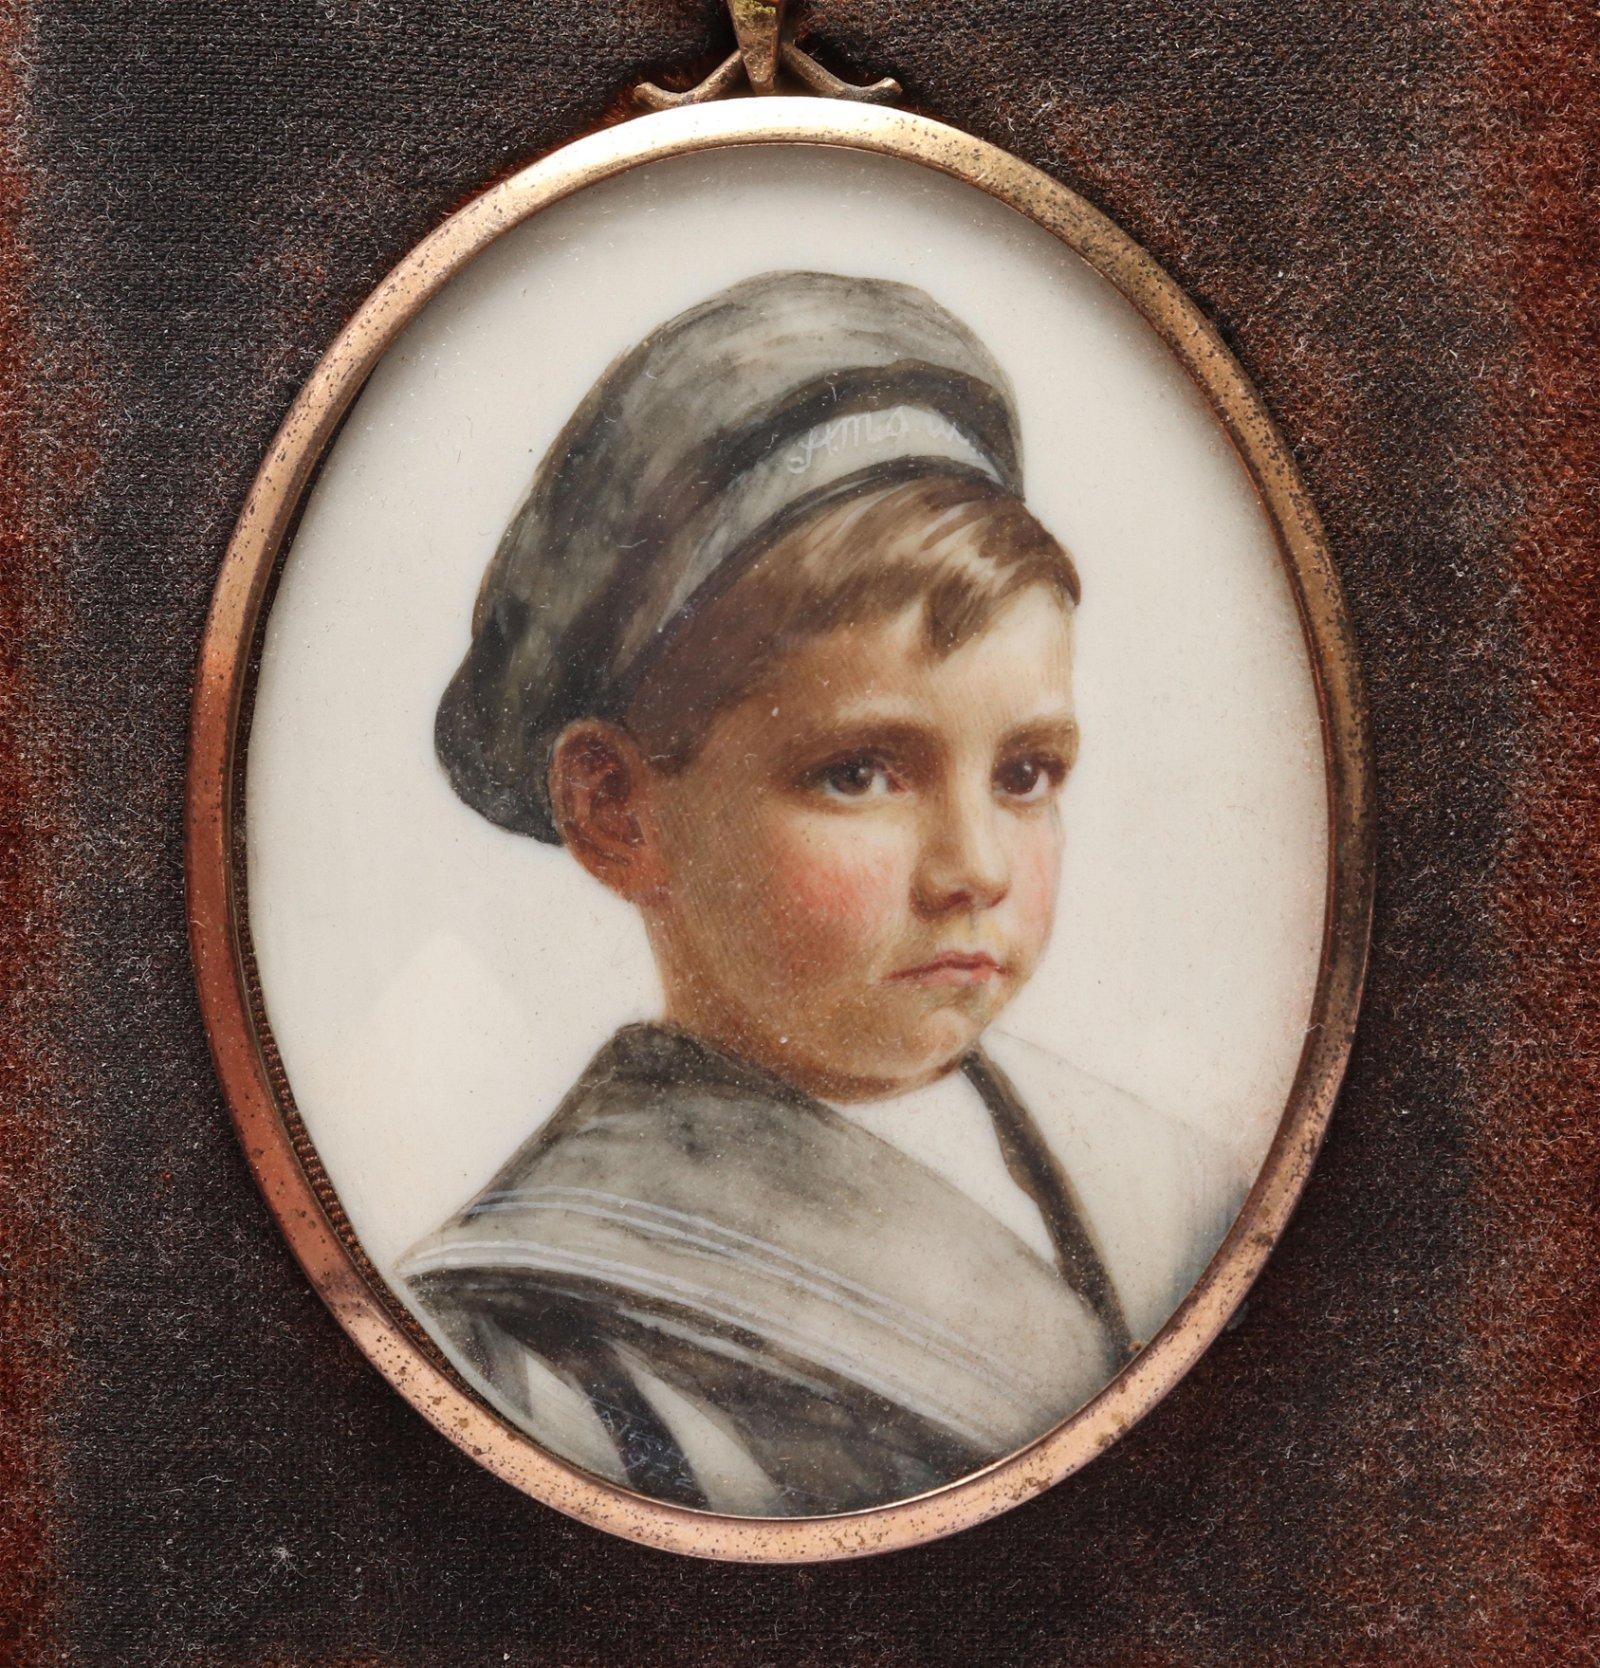 Enoch Fairhurst Portrait Miniature, 1922